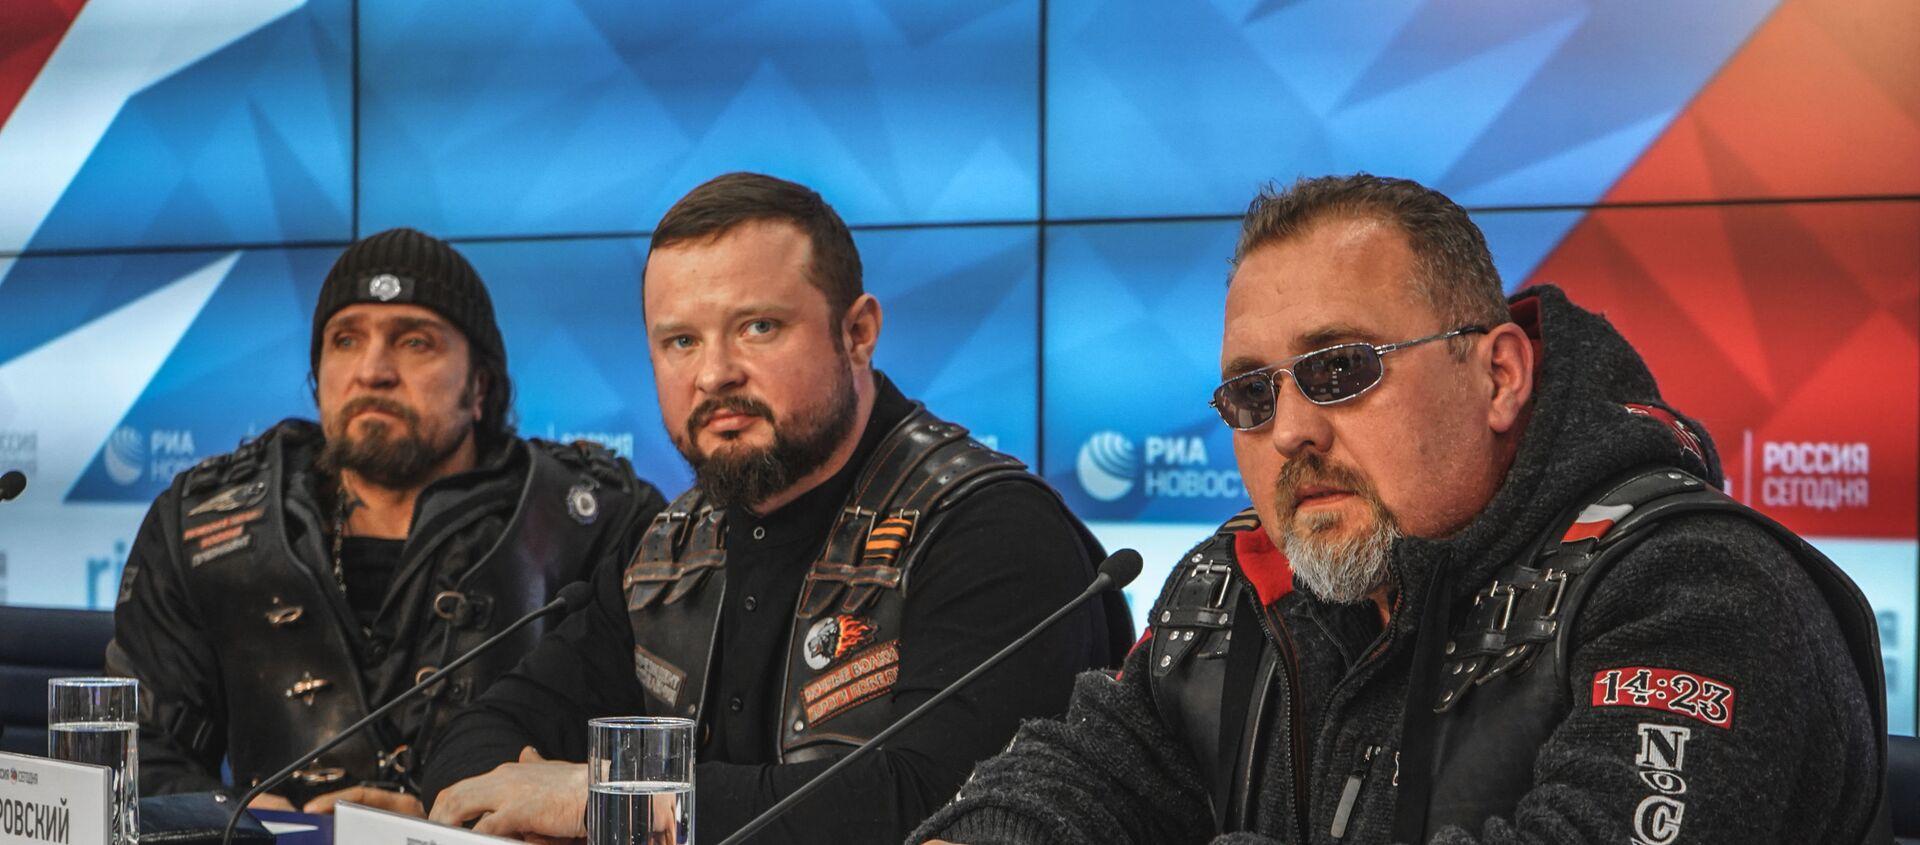 Rosyjski klub motocyklowy Nocne Wilki - Sputnik Polska, 1920, 05.04.2019